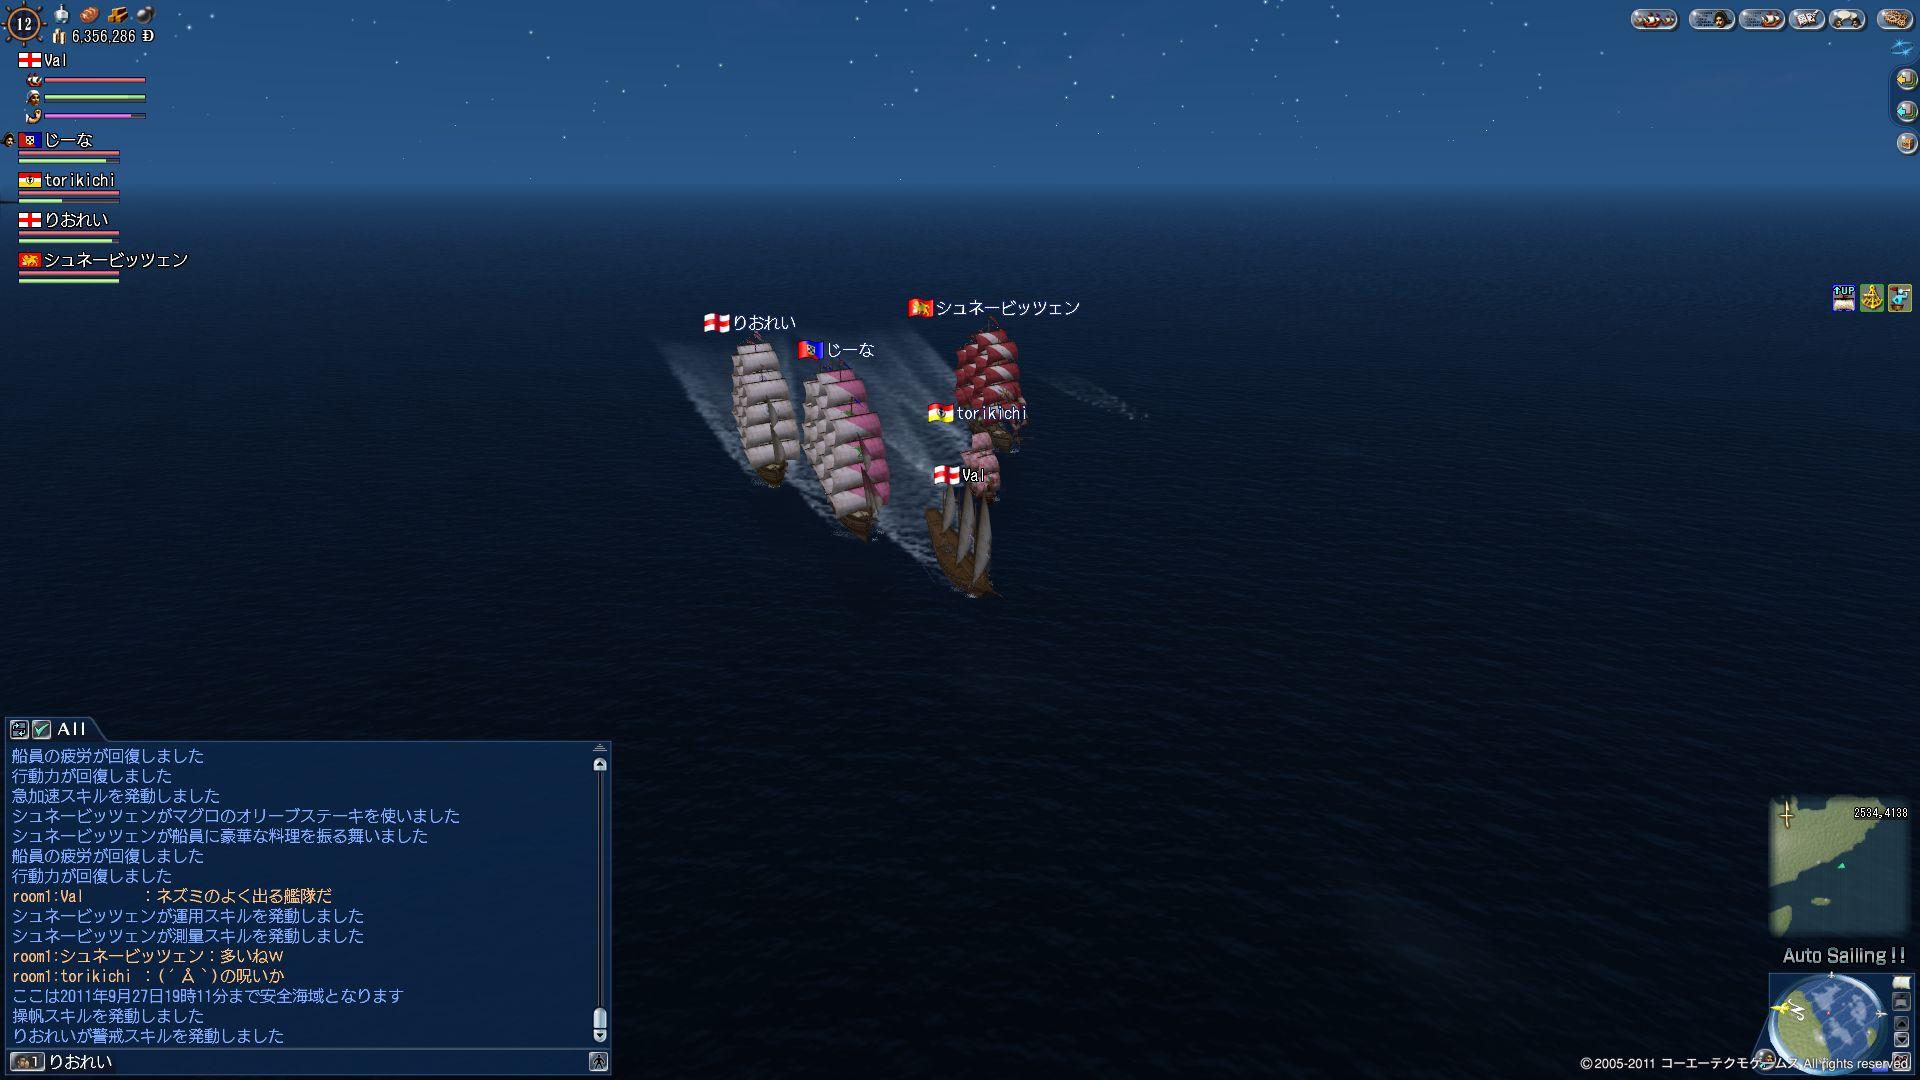 ネズミが多い艦隊